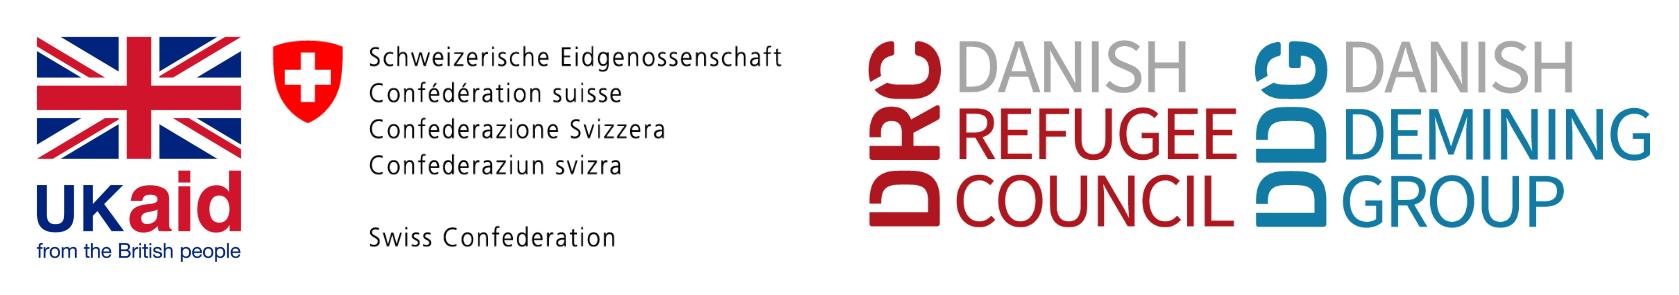 DRC-DDG повідомила про прийом заявок для бізнес-партнерства в проектах економічного розвитку Донецької та Луганської областей